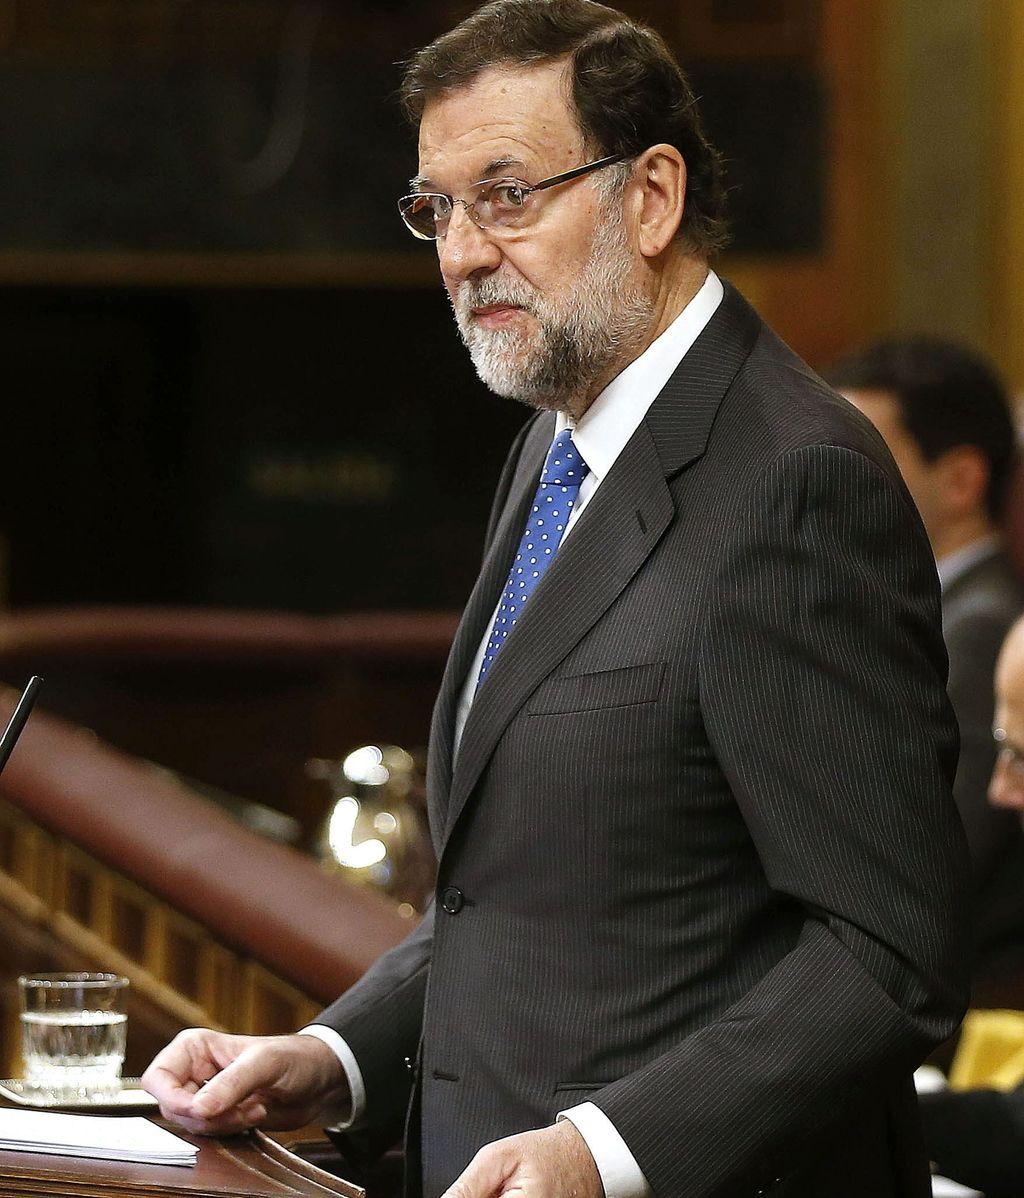 El presidente del Gobierno, Mariano Rajoy, comparece en el Congreso de los Diputados